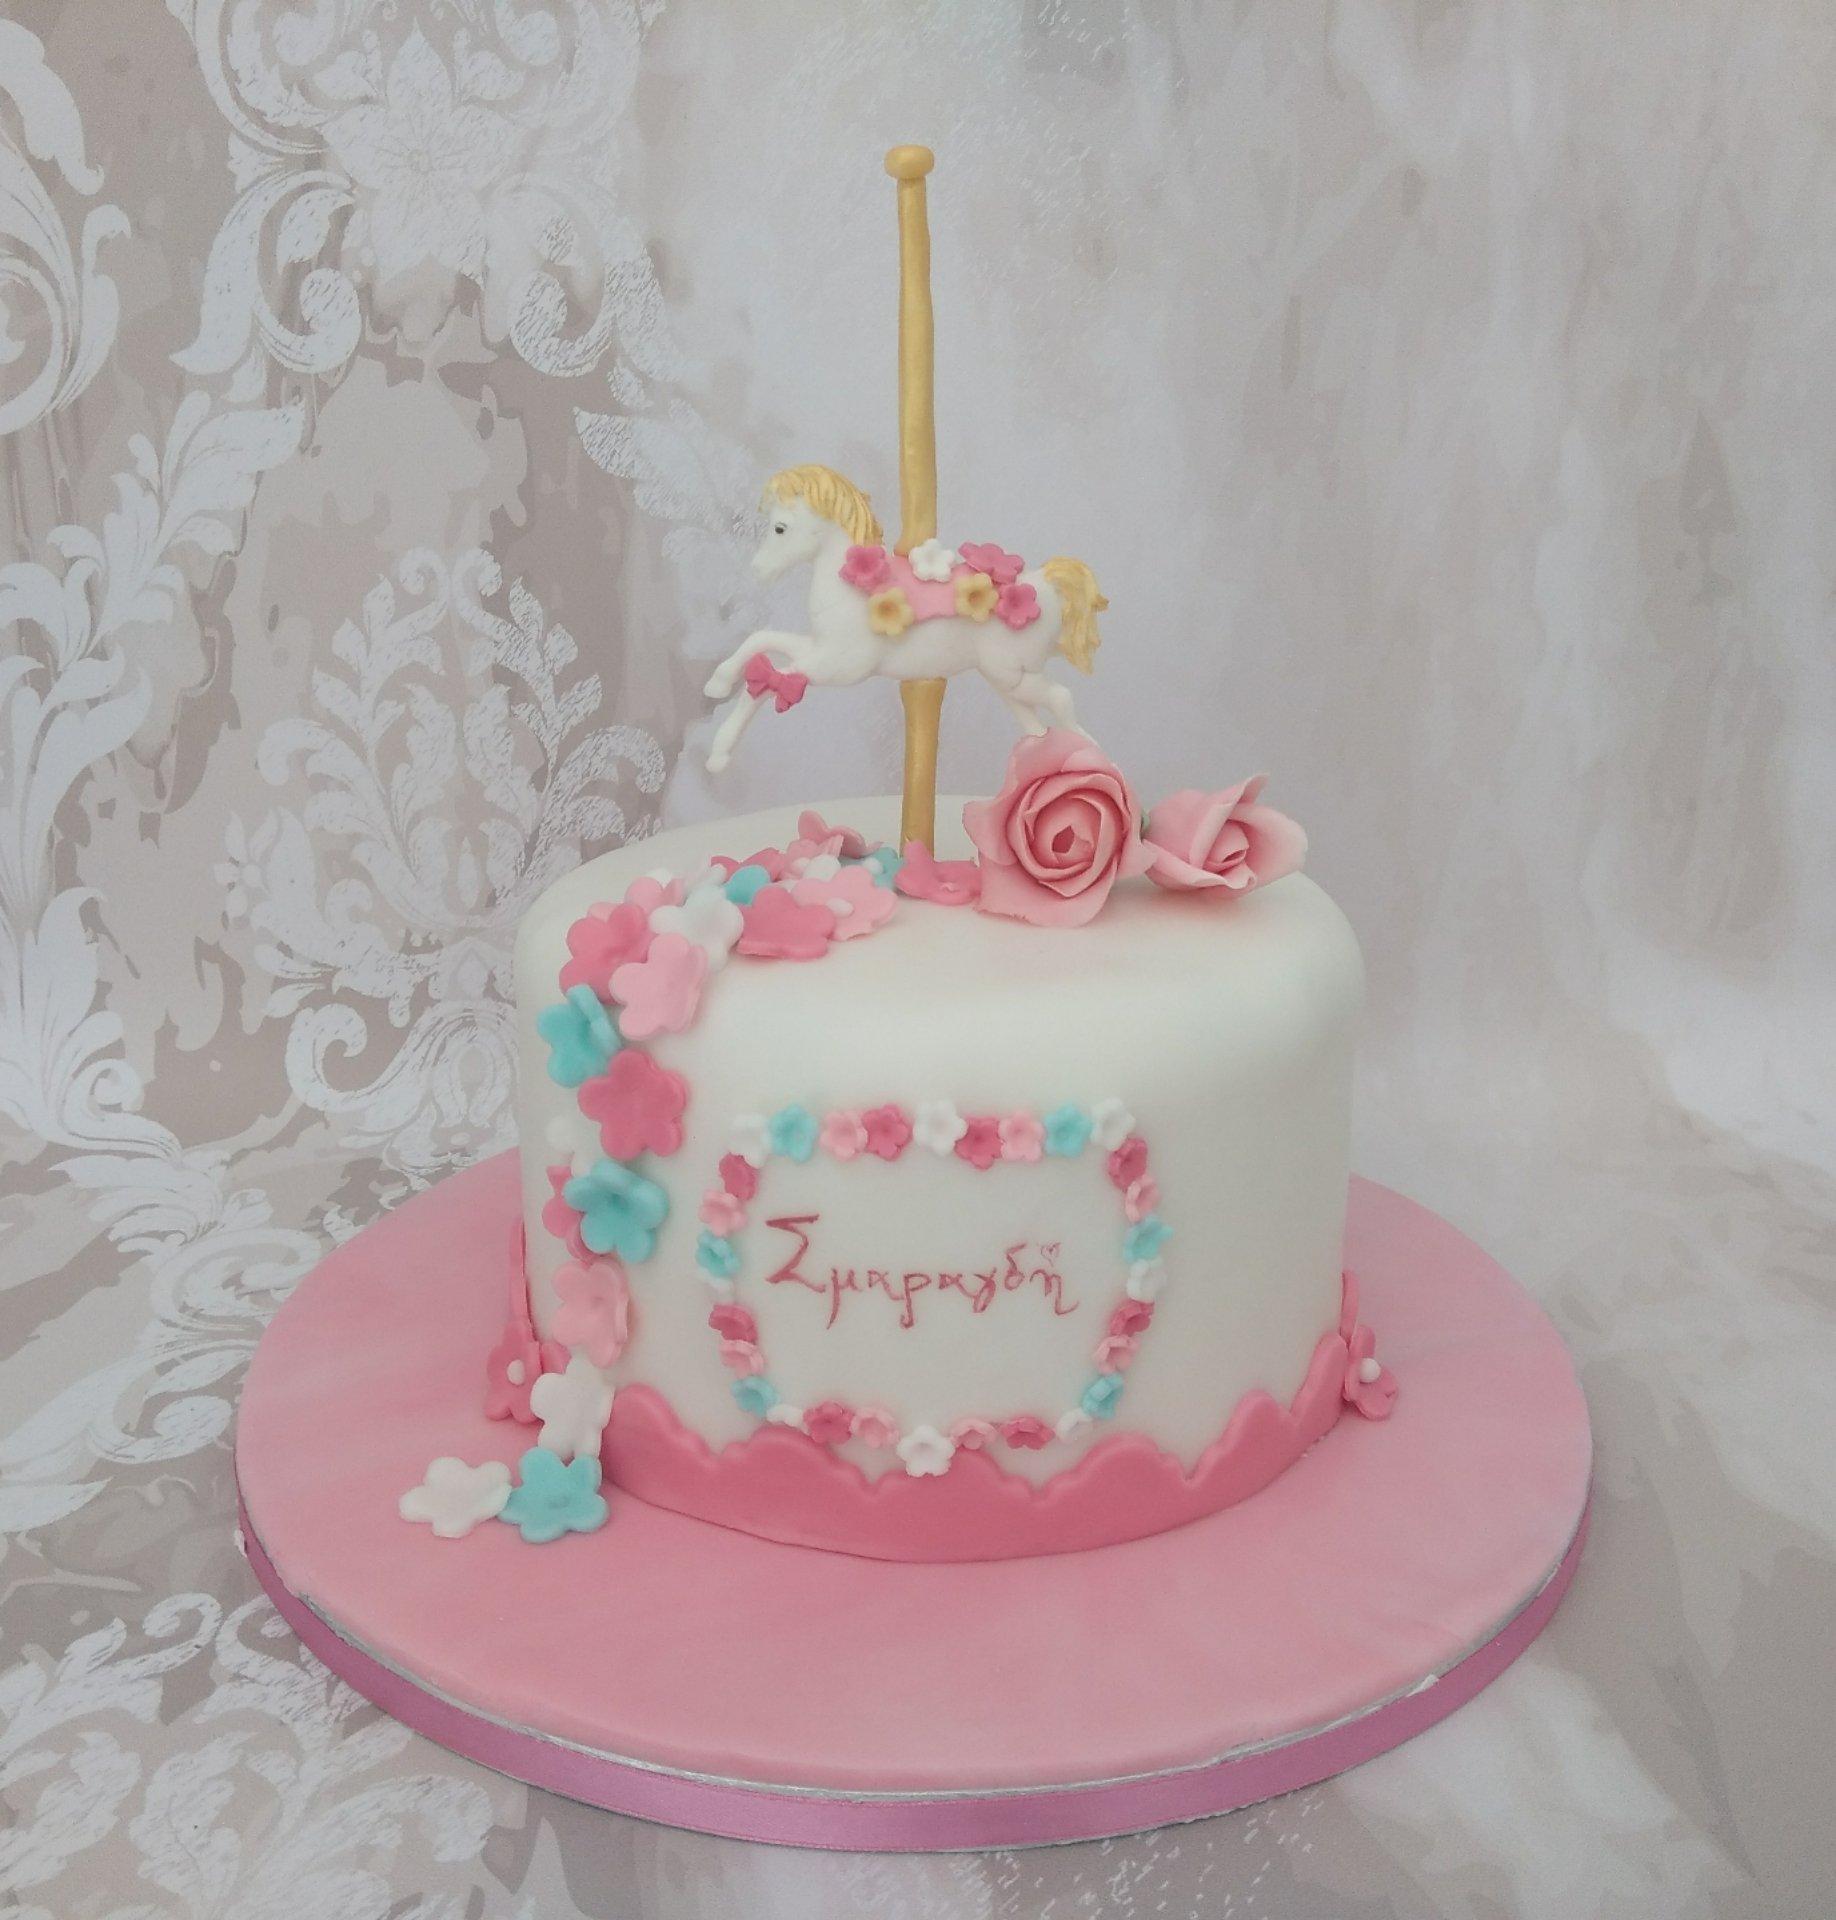 τούρτα βάπτισης από ζαχαρόπαστα  carousel, Ζαχαροπλαστείο καλαμάτα madamecharlotte.gr, birthday cakes 2d 3d confectionery patisserie kalamata